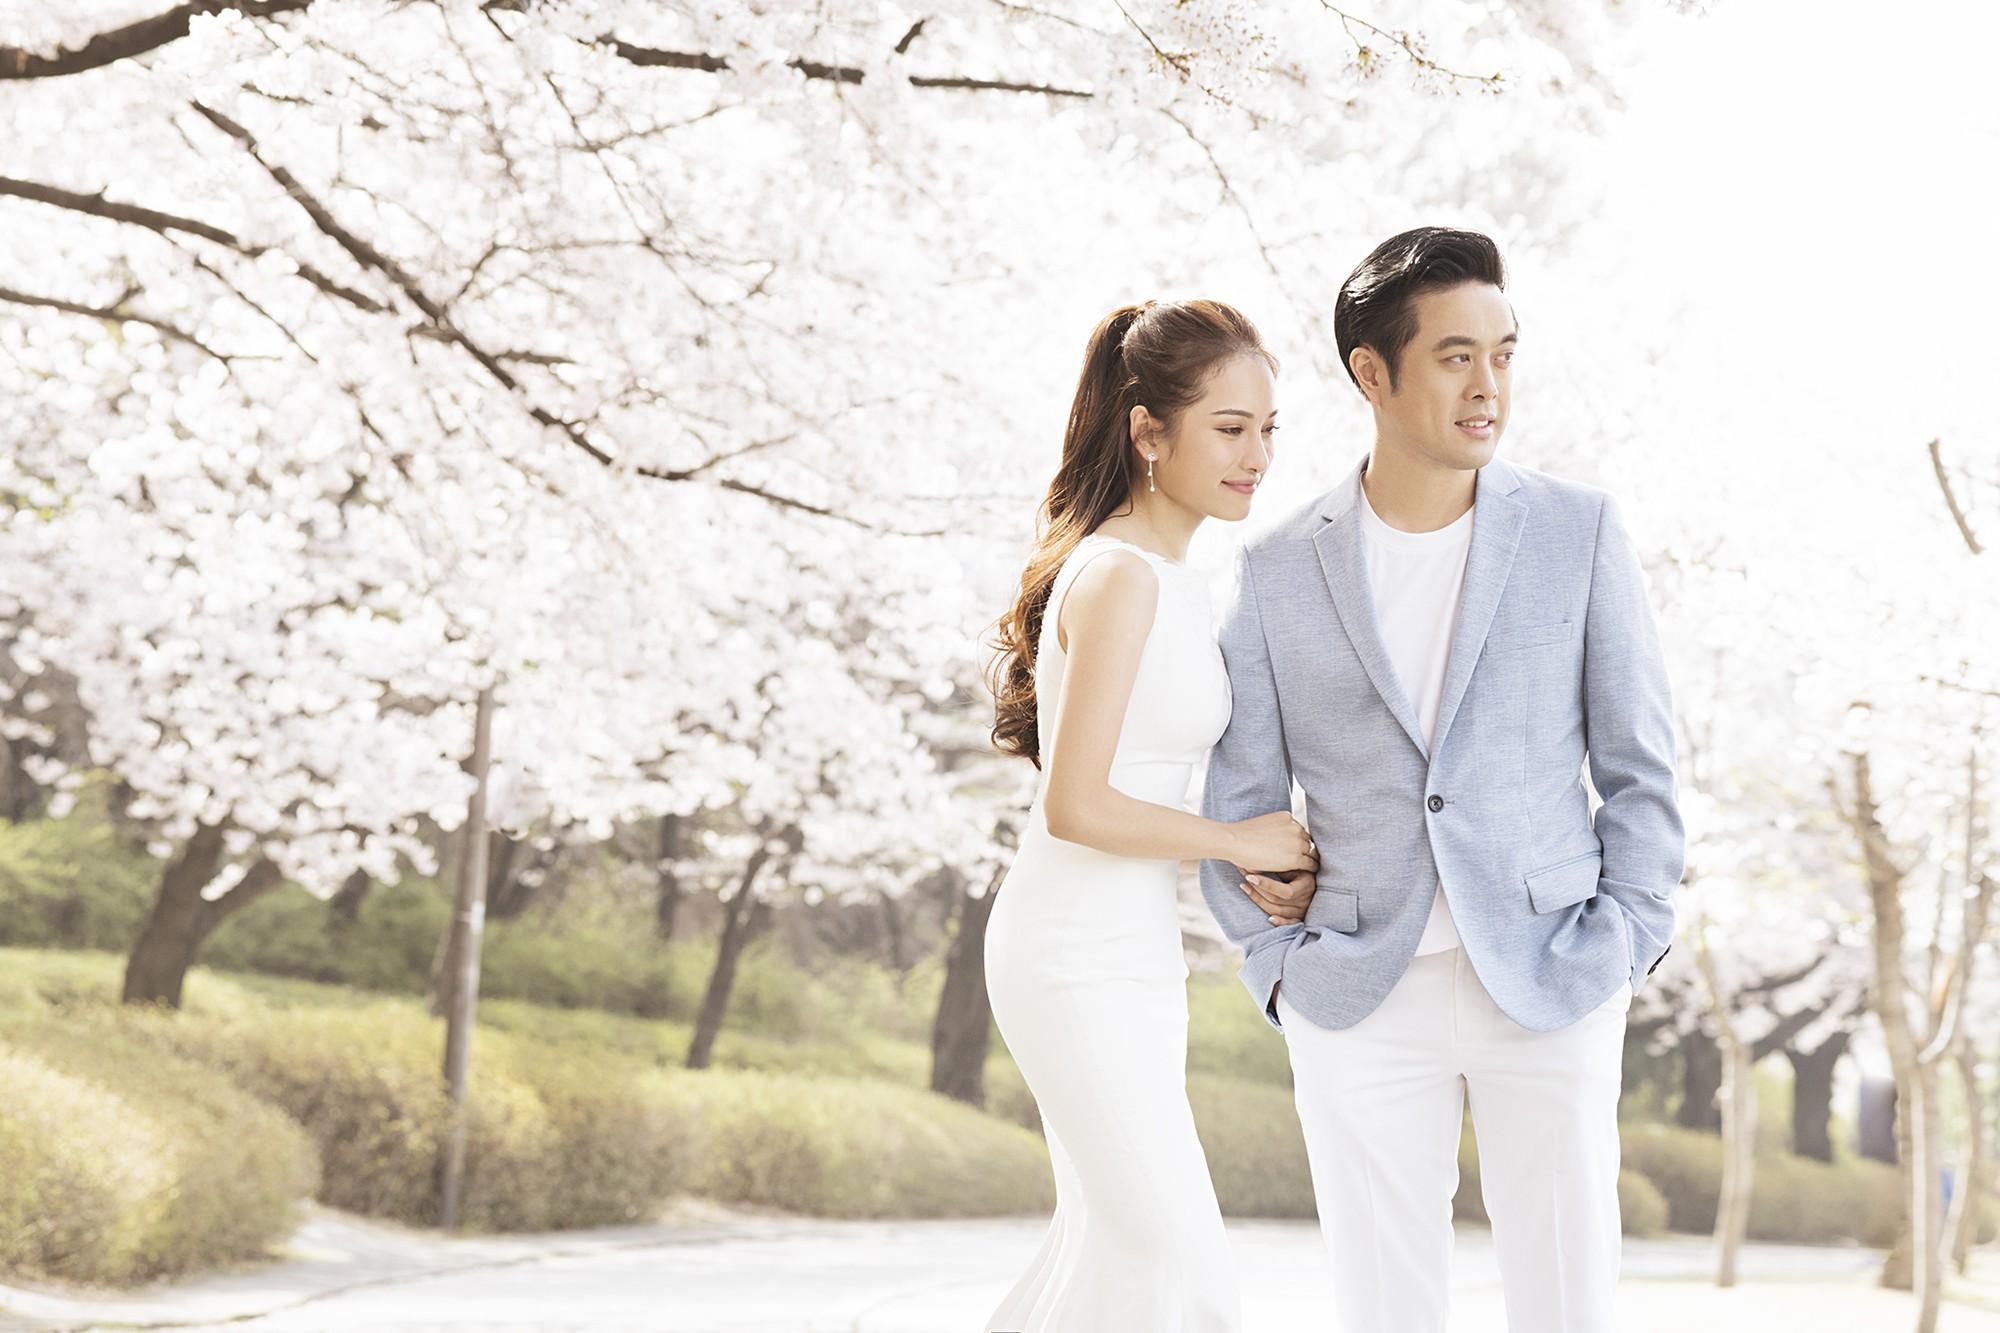 Ảnh cưới đẹp như phim chụp tại Hàn Quốc của Dương Khắc Linh và vợ trẻ kém 13 tuổi - Ảnh 4.